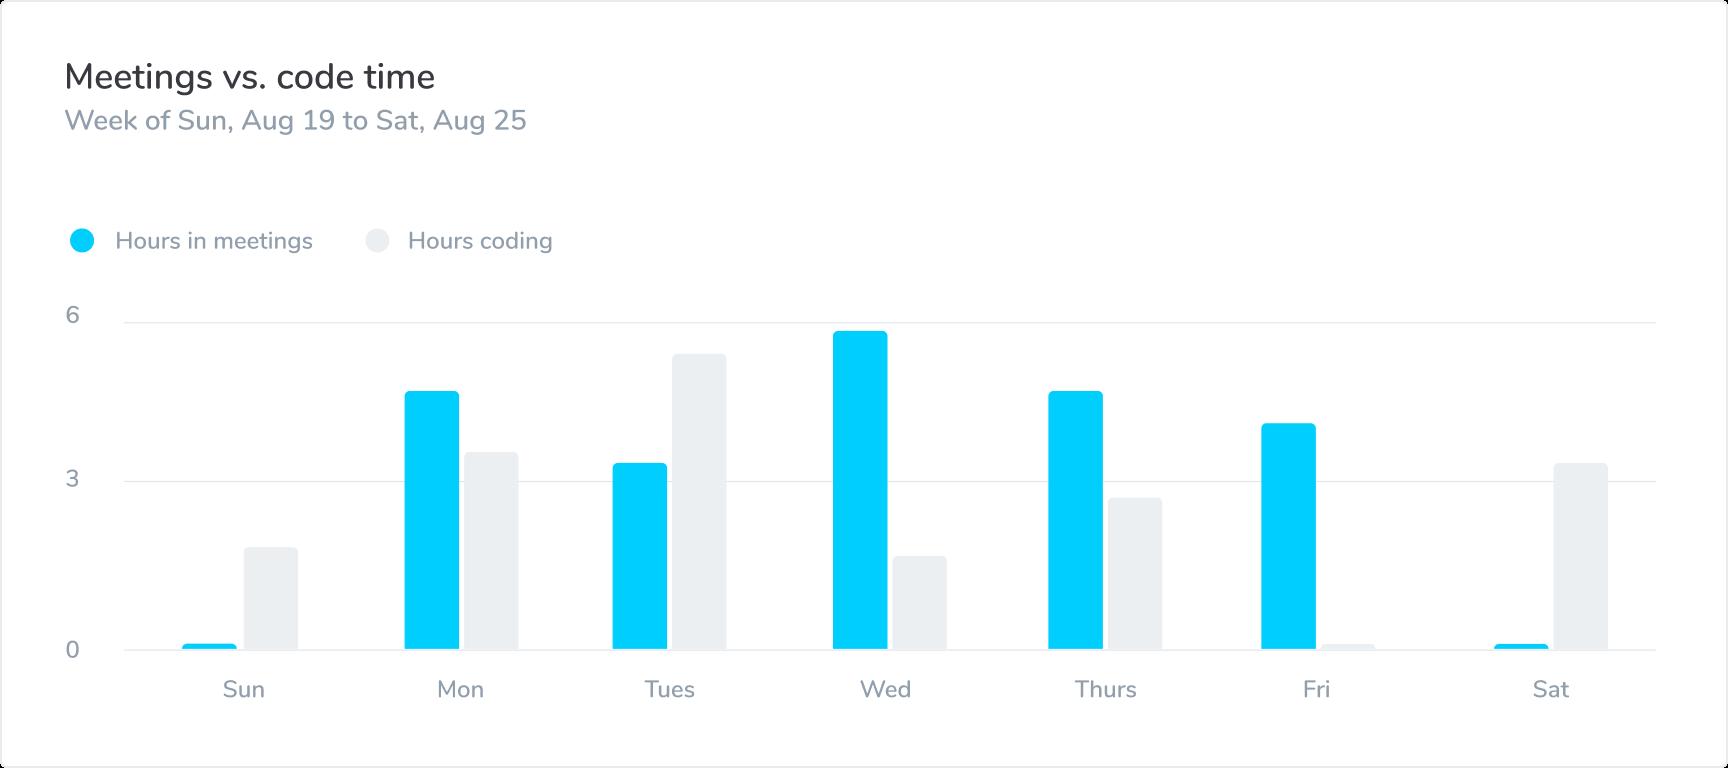 Meetings versus code time